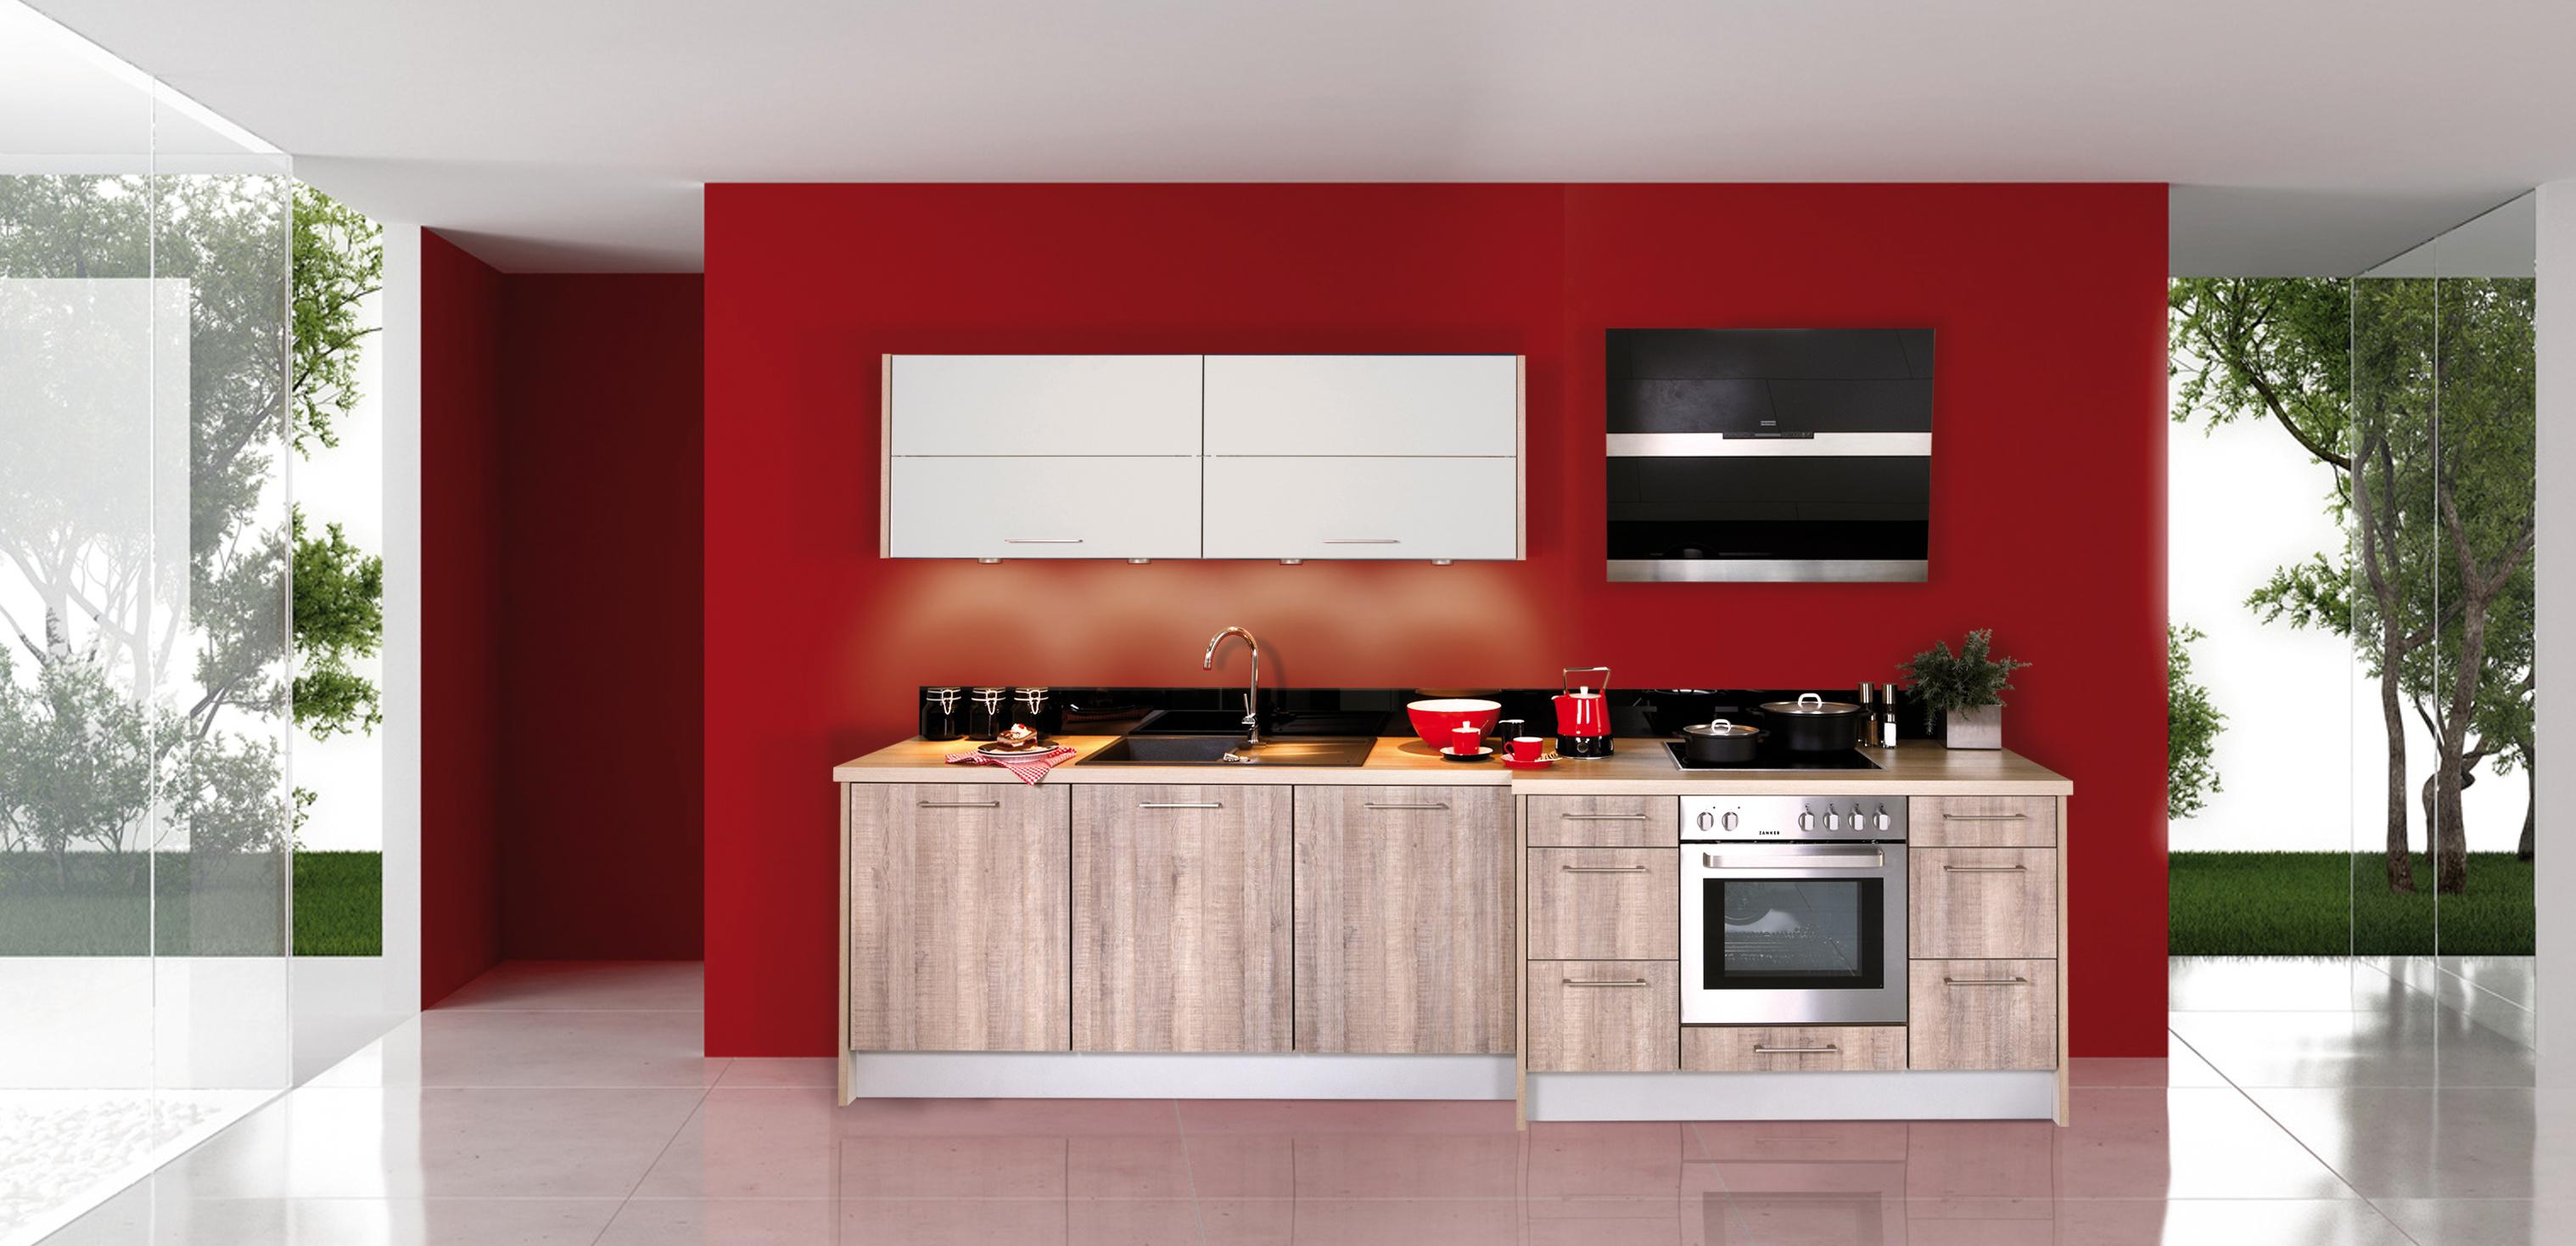 alma k chen gmbh co kg in sankt augustin branchenbuch deutschland. Black Bedroom Furniture Sets. Home Design Ideas